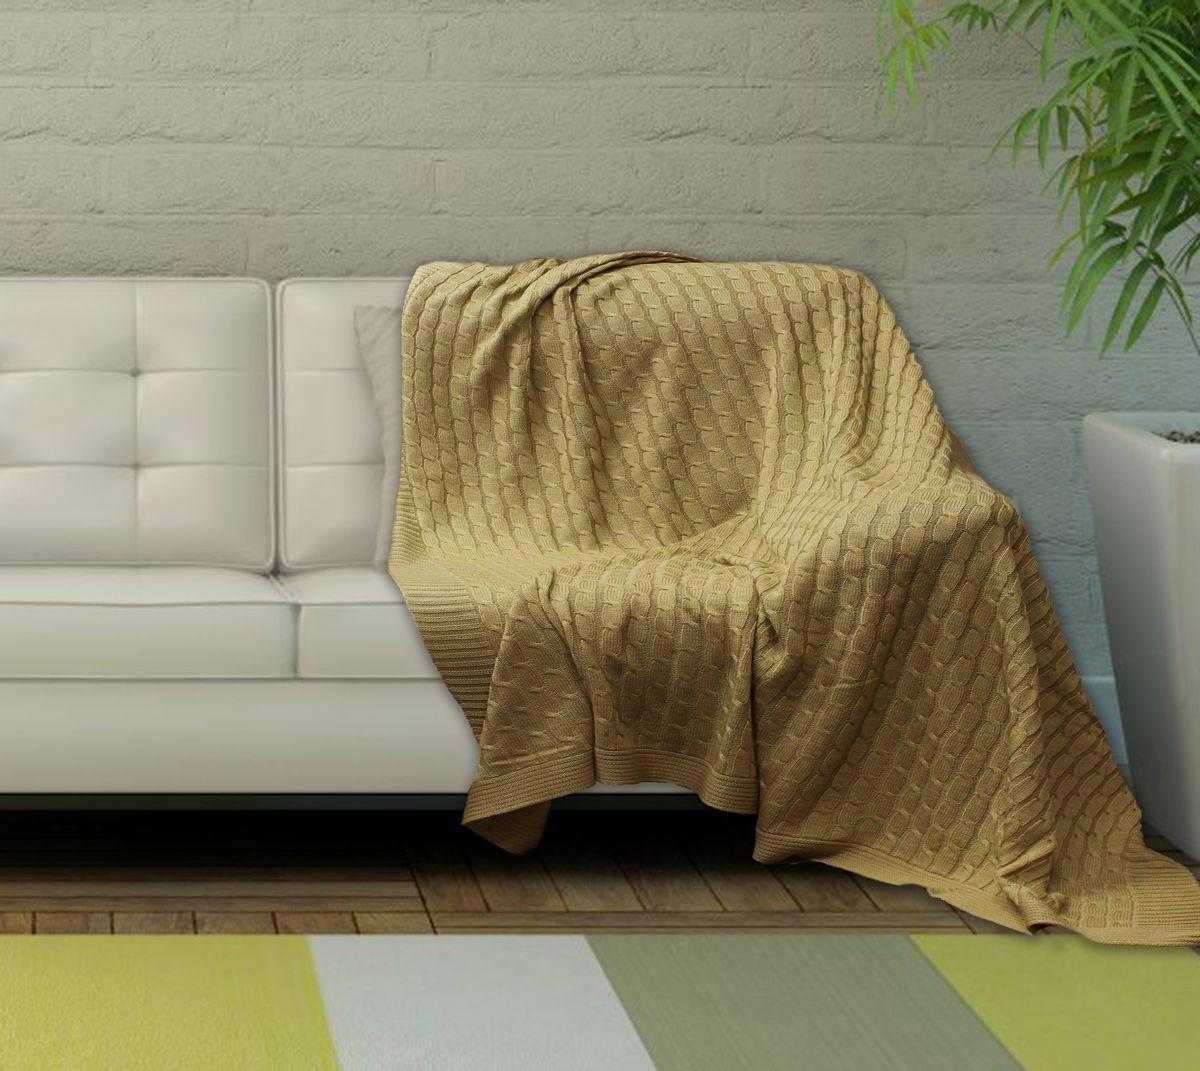 Плед Buenas Noches Manhattan, цвет: бежевый, 150 см х 200 см73877Плед Buenas Noches Manhattan - идеальное решение для вашего интерьера.Станьте дизайнером и создайте свой стиль!Buenas Noches - элегантно, стильно, качественно! Плед выполнен из 100% акрила и имеет великолепный внешний вид, приятен на ощупь, обладает низкой теплопроводностью, замечательно сохраняет тепло. Изделия из акрила прекрасно сохраняют форму, не деформируются, не мнутся, всегда выглядят аккуратно. Весь срок использования сохраняют размер и достойный вид. Акрил идеален при использовании под открытым небом. Обладает свойством водоотталкивания и быстро высыхает. Гипоаллергенный, безопасный и стойкий к воздействию живых организмов.Плед Buenas Noches Manhattan создаст уют в вашем доме!